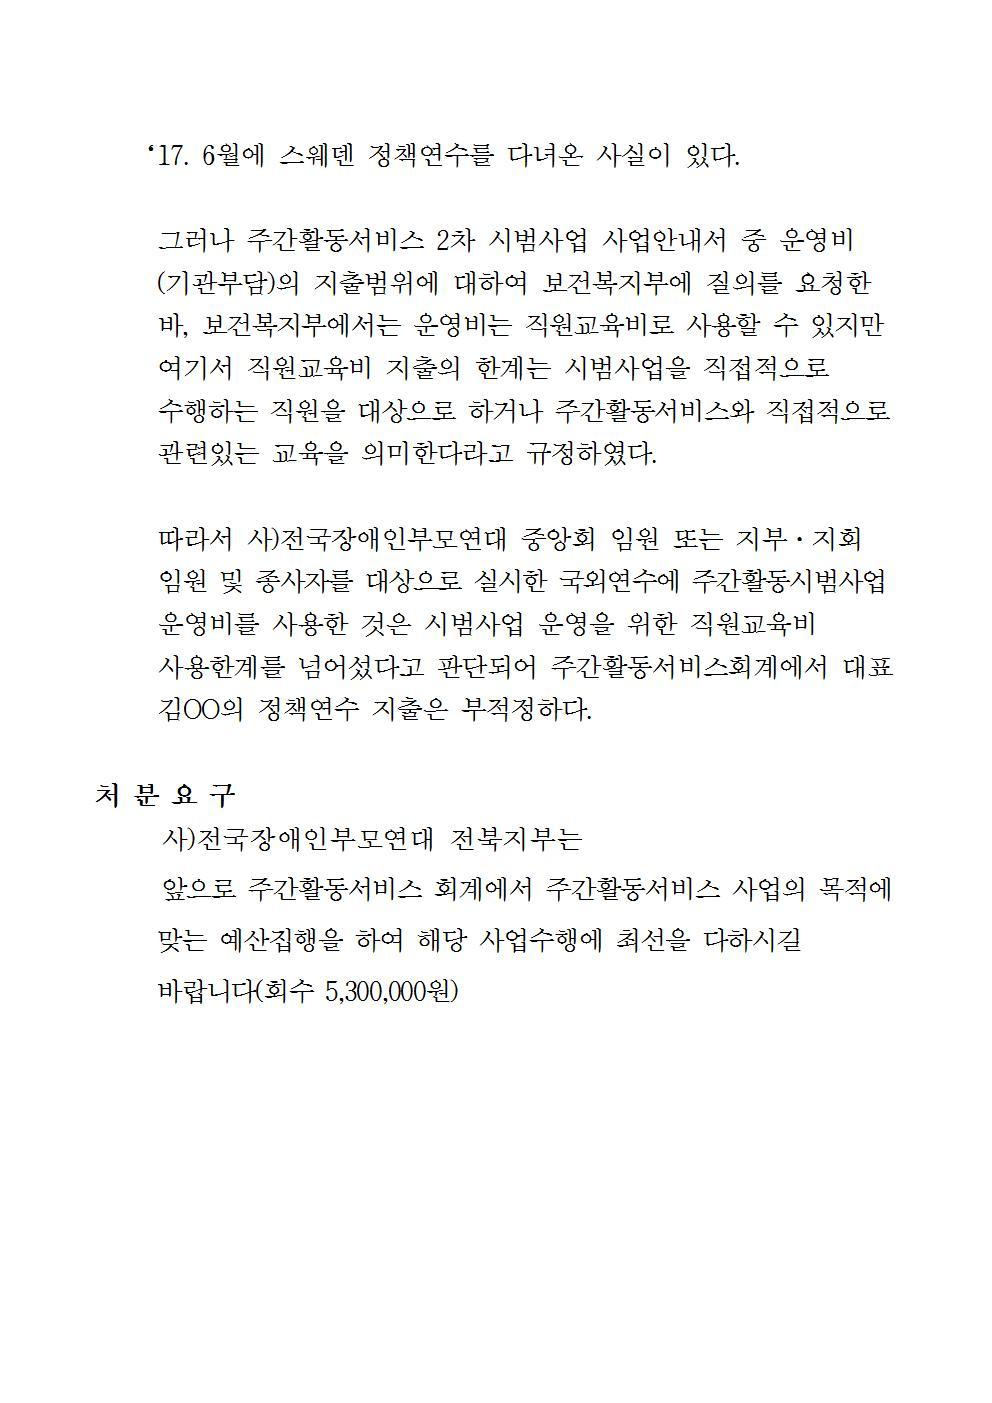 붙임) 처분요구서_전주시 생활복지과-37898(2017.9.1)호(공개용)010.jpg